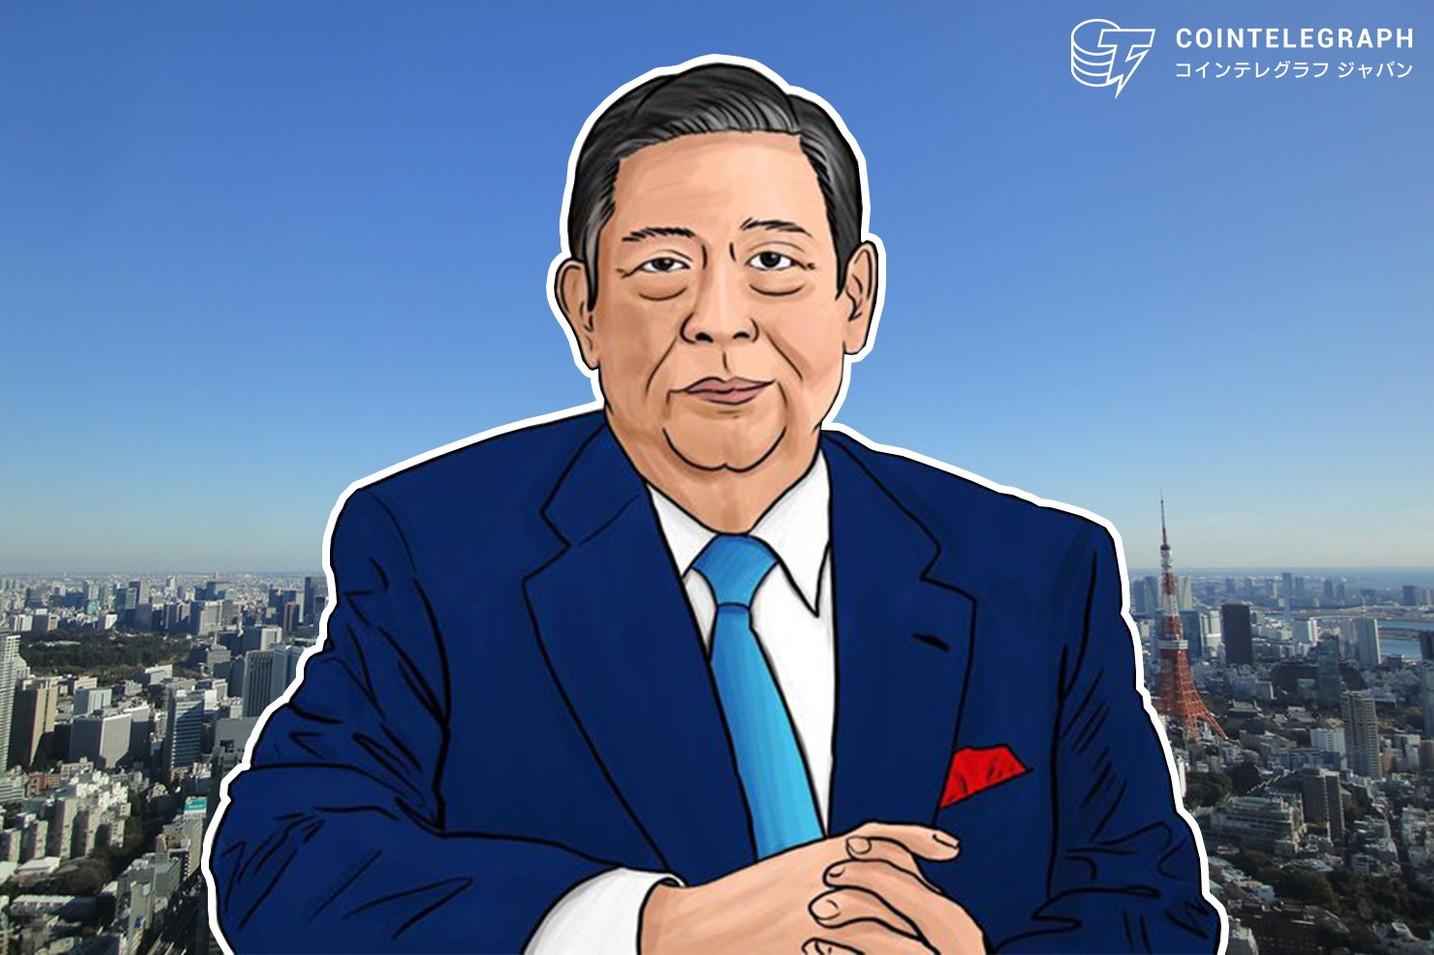 仮想通貨取引所SBI VCトレード、SBI証券傘下に移管 板取引は31日予定 北尾氏、ビットコインの価値に疑問符【追記】